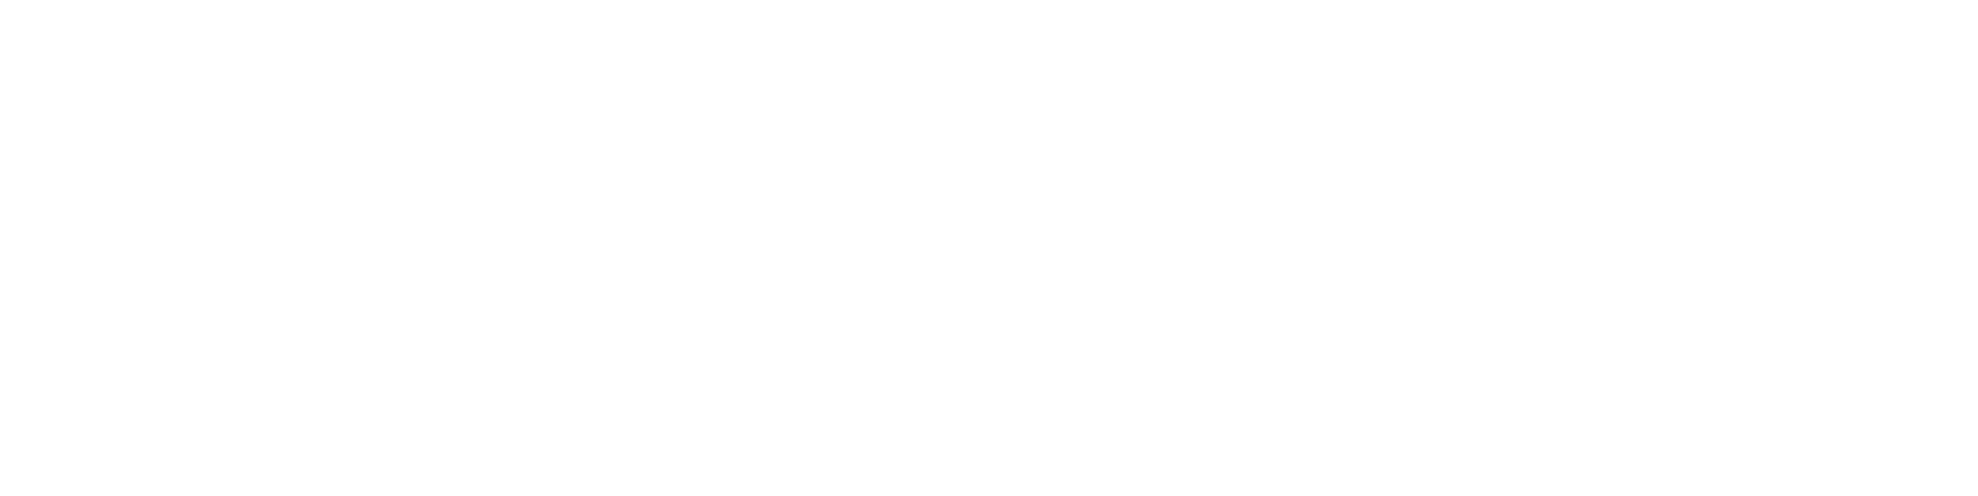 Starlon